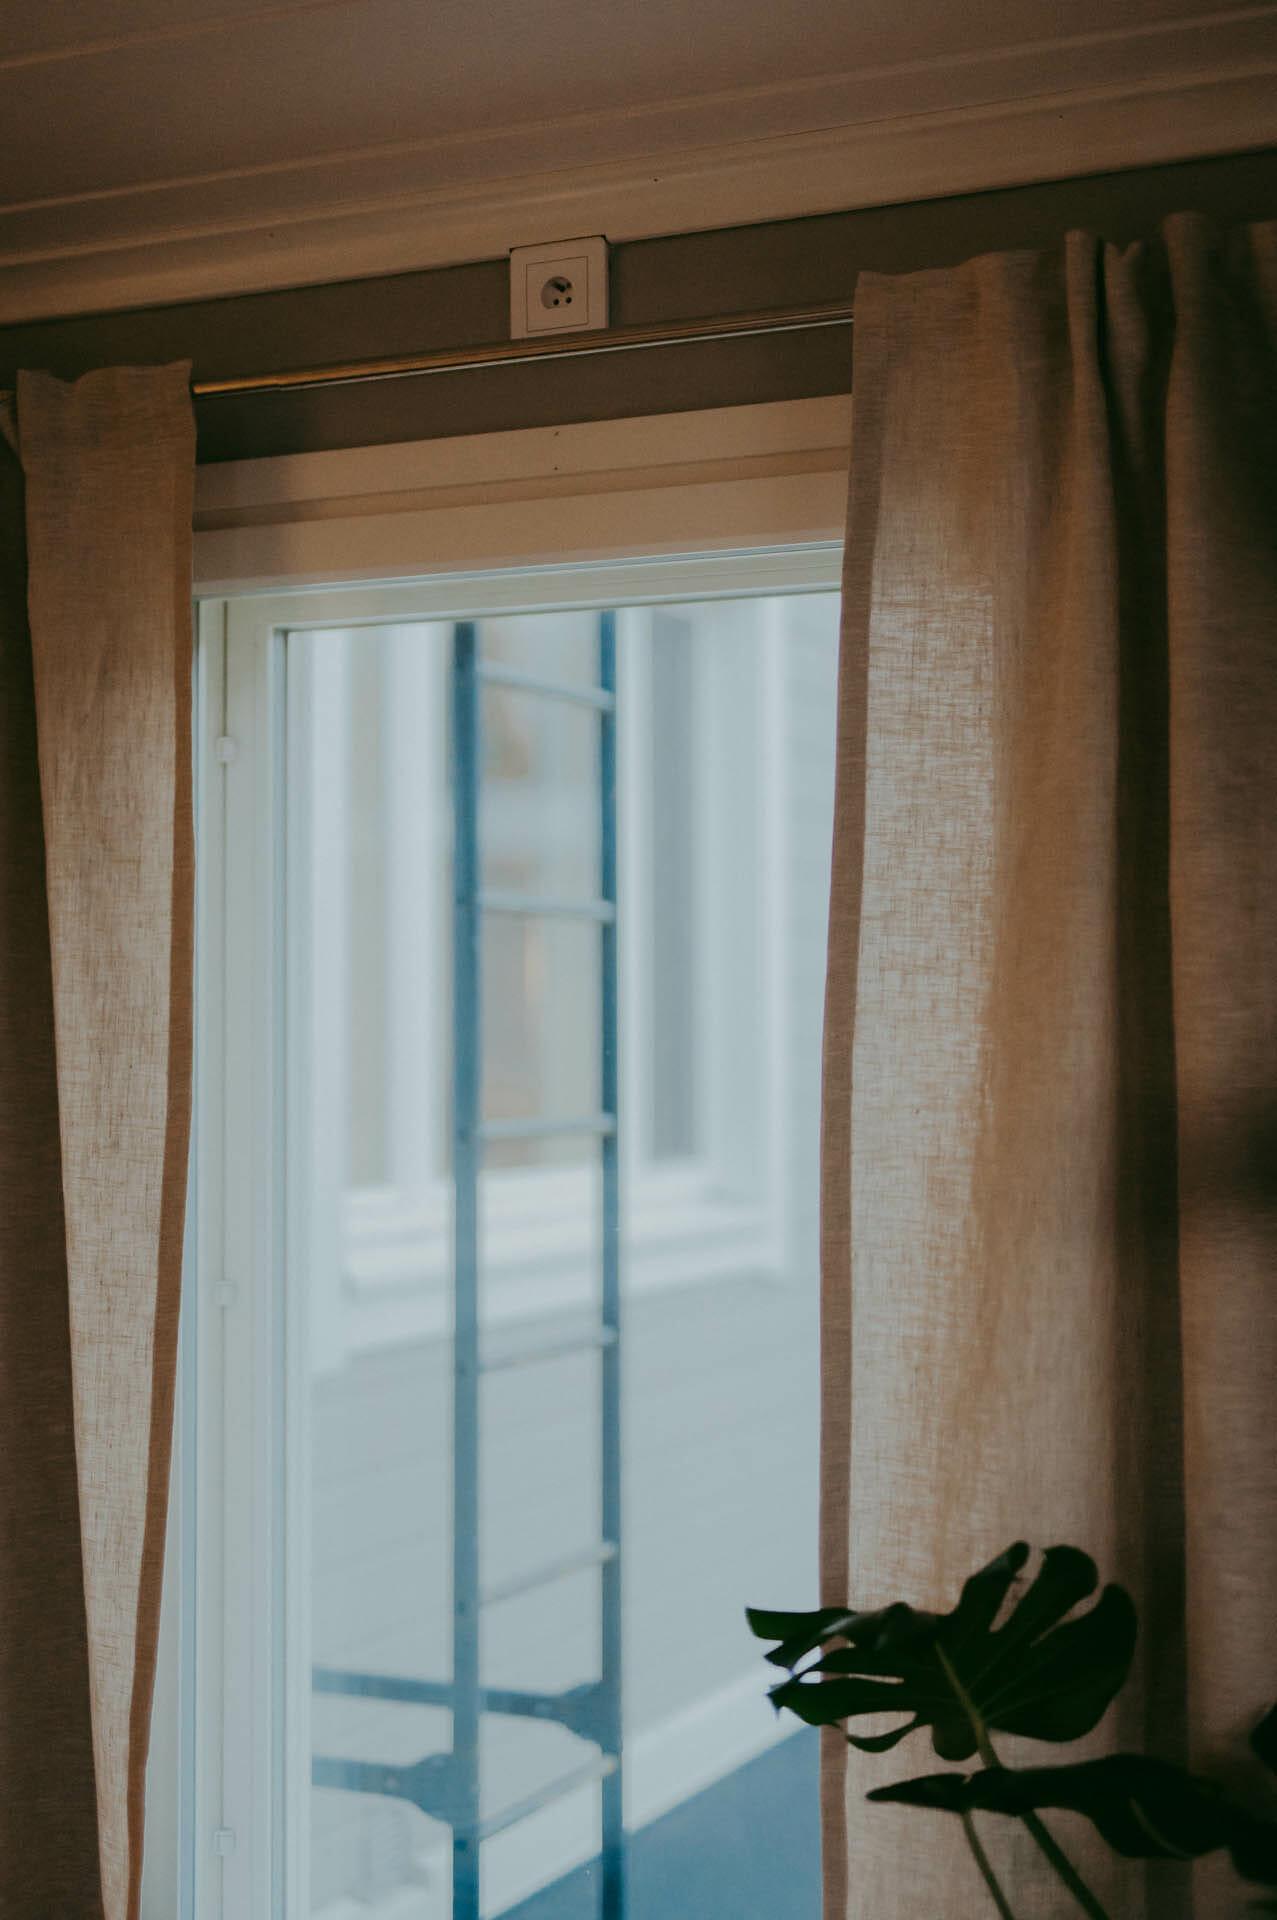 naturvit linnegardin med multiband rynkband hänger på gardinsstång.